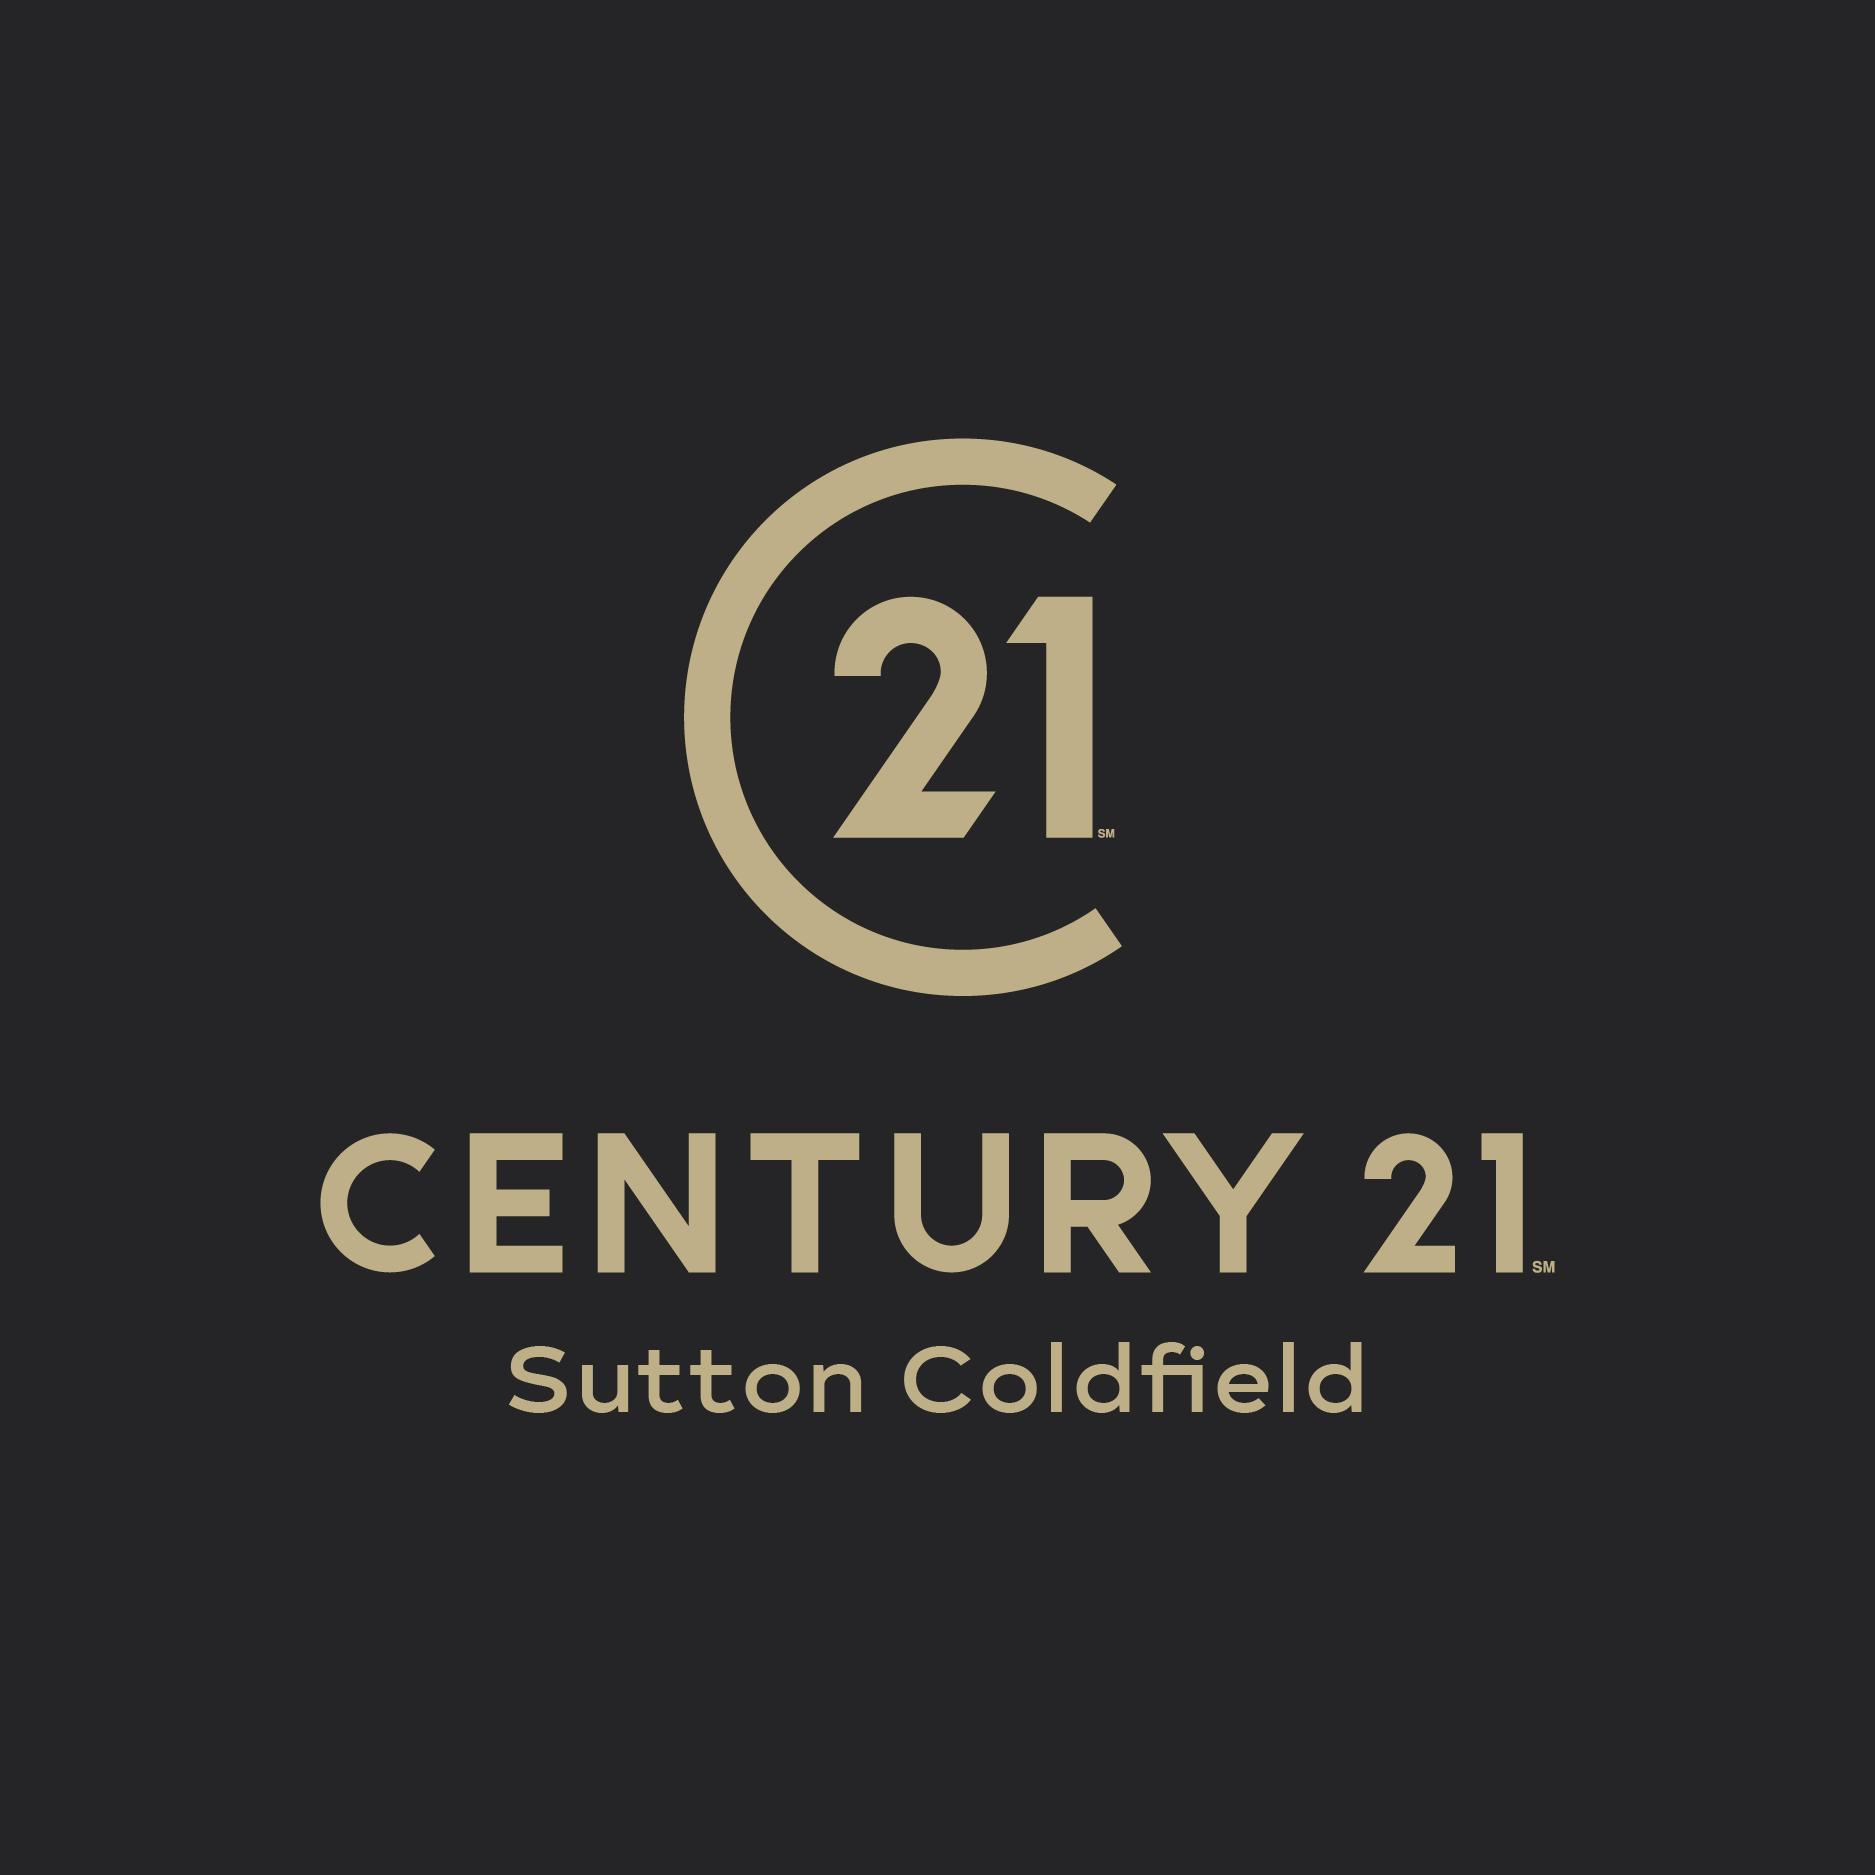 Century 21 - Sutton Coldfield